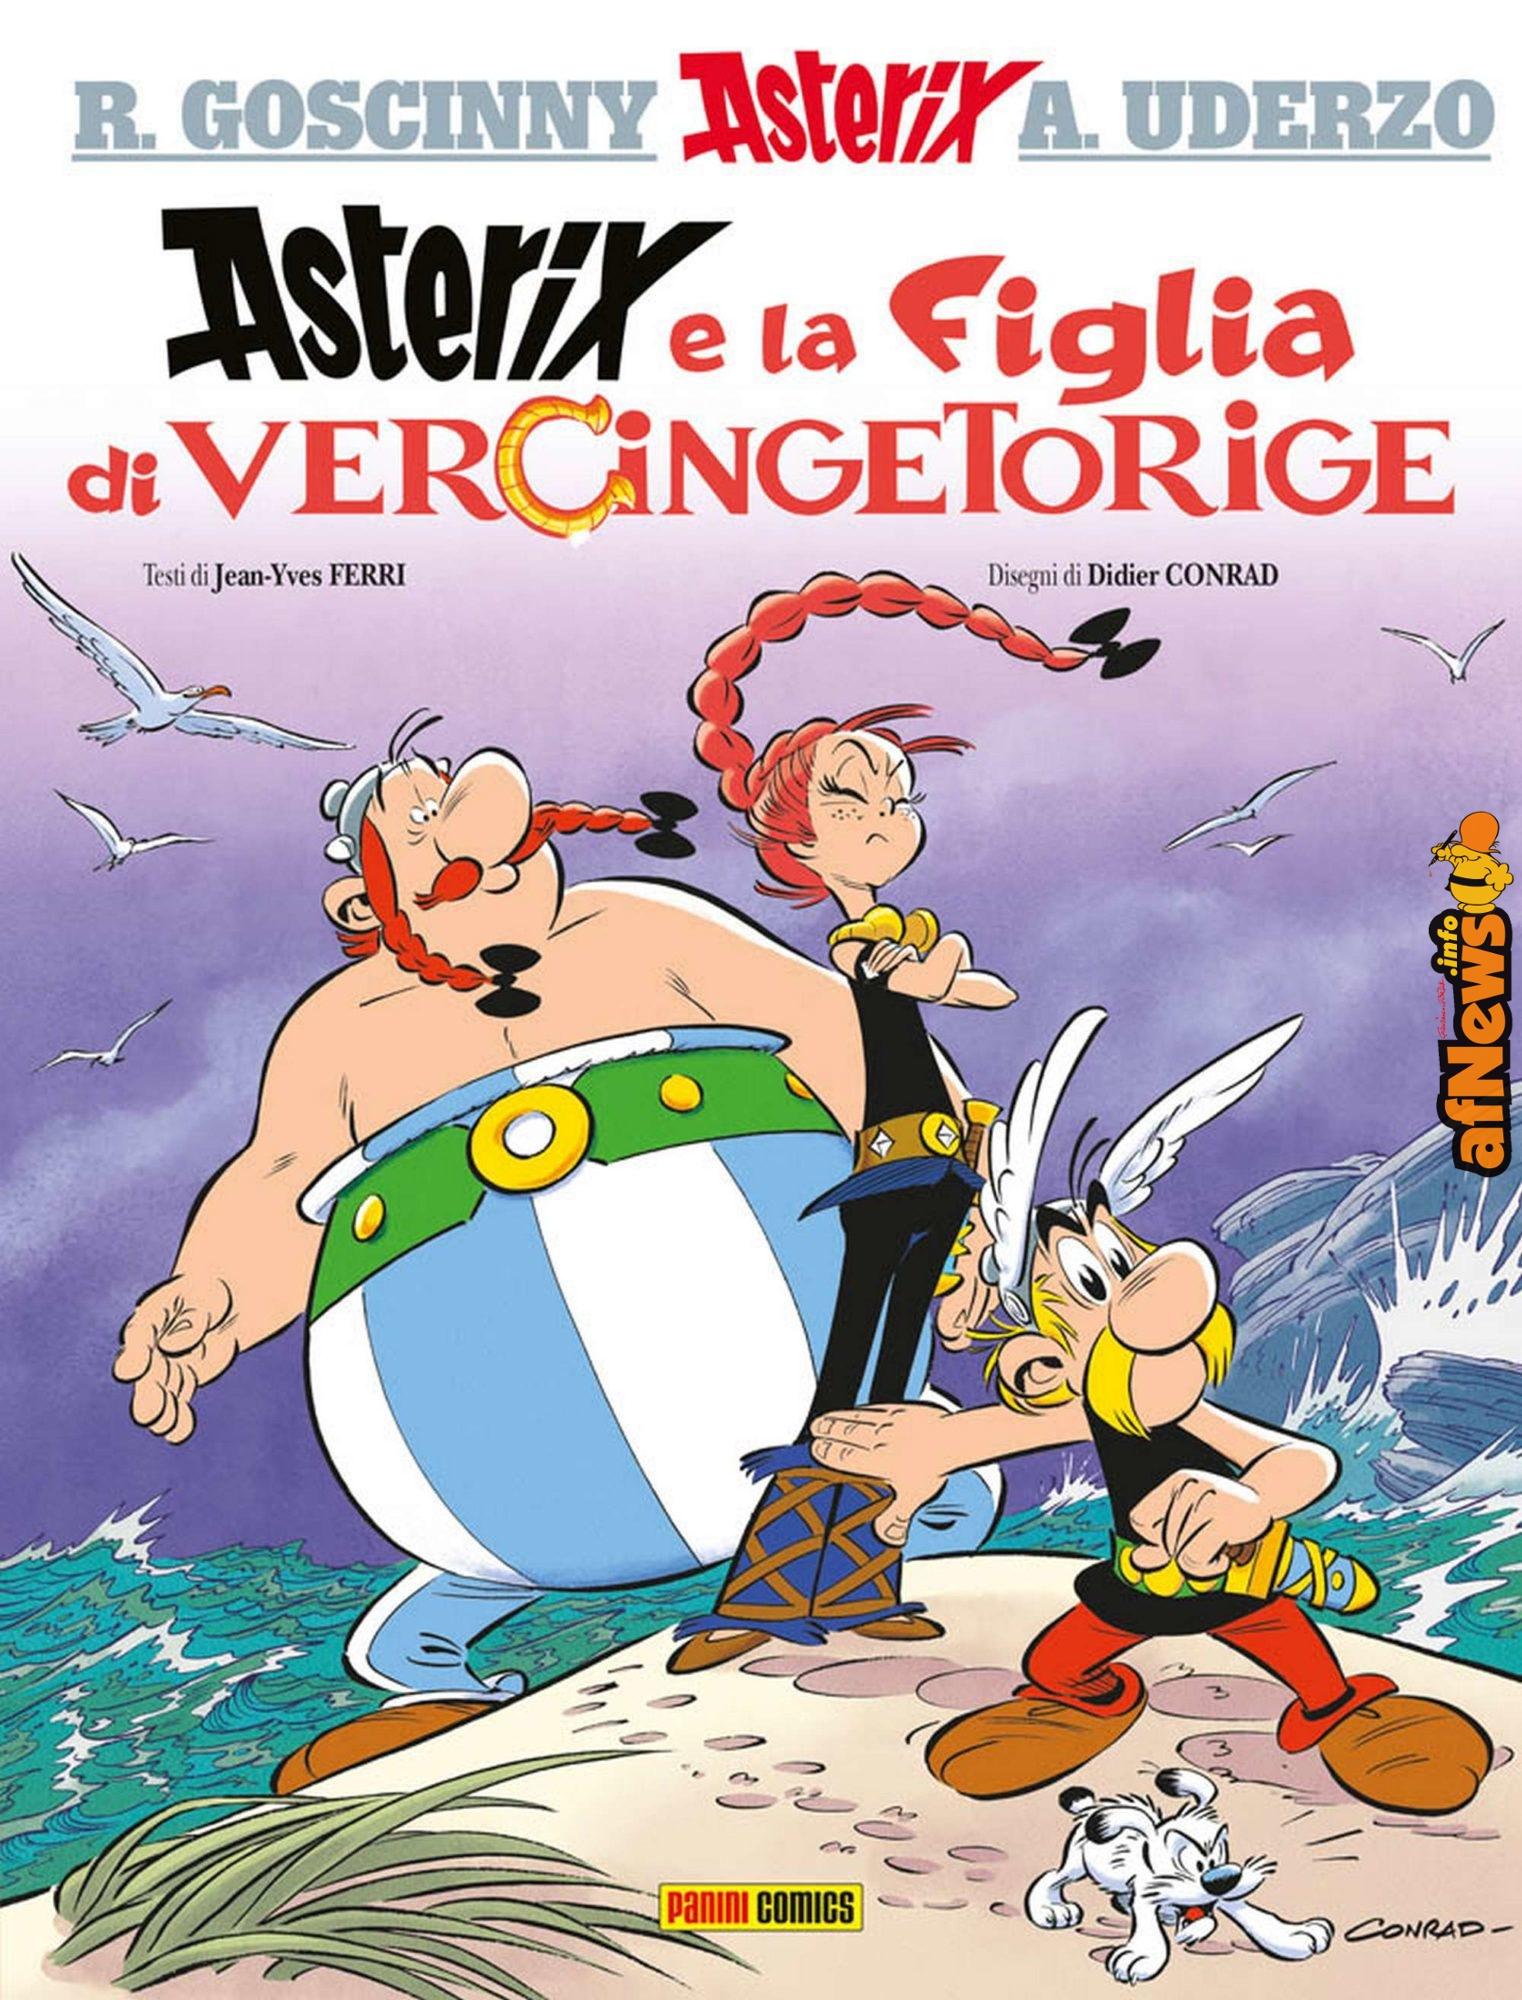 Asterix 38: La figlia di Vercingetorige, voilà! - afnews.info